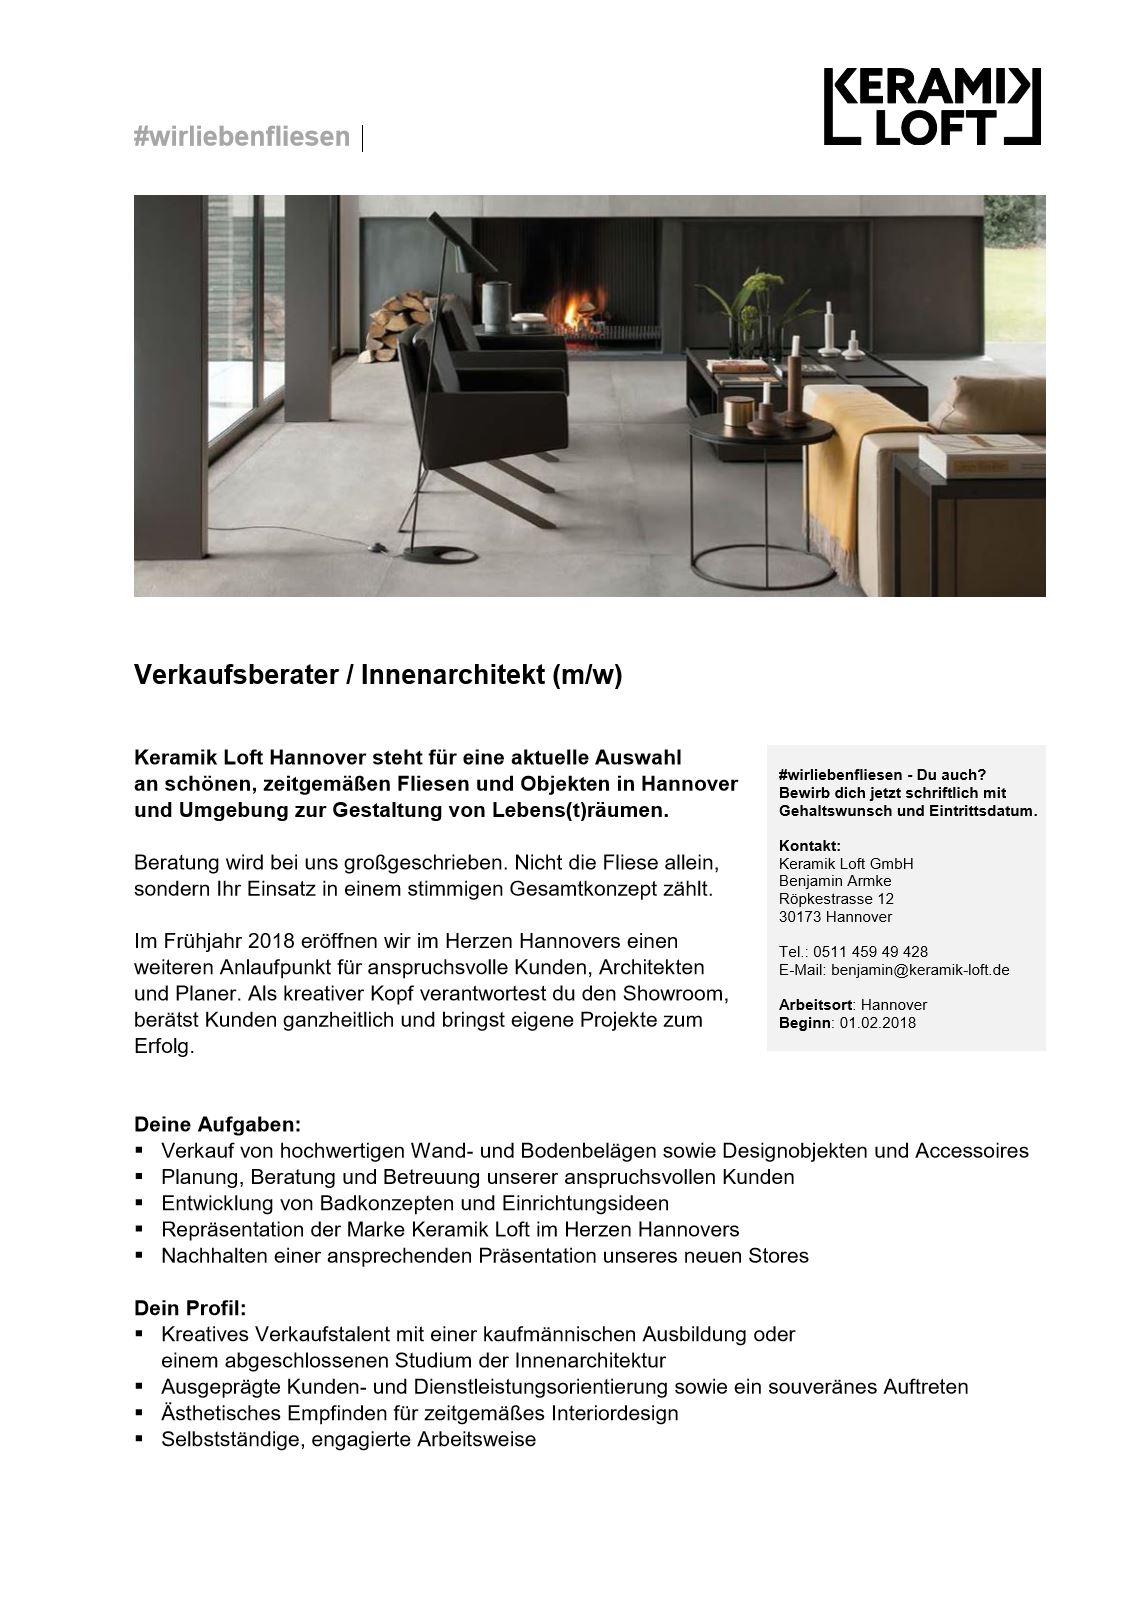 News seite 2 keramik loft gmbh fliesen zementfliesen - Fliesenausstellung hannover ...